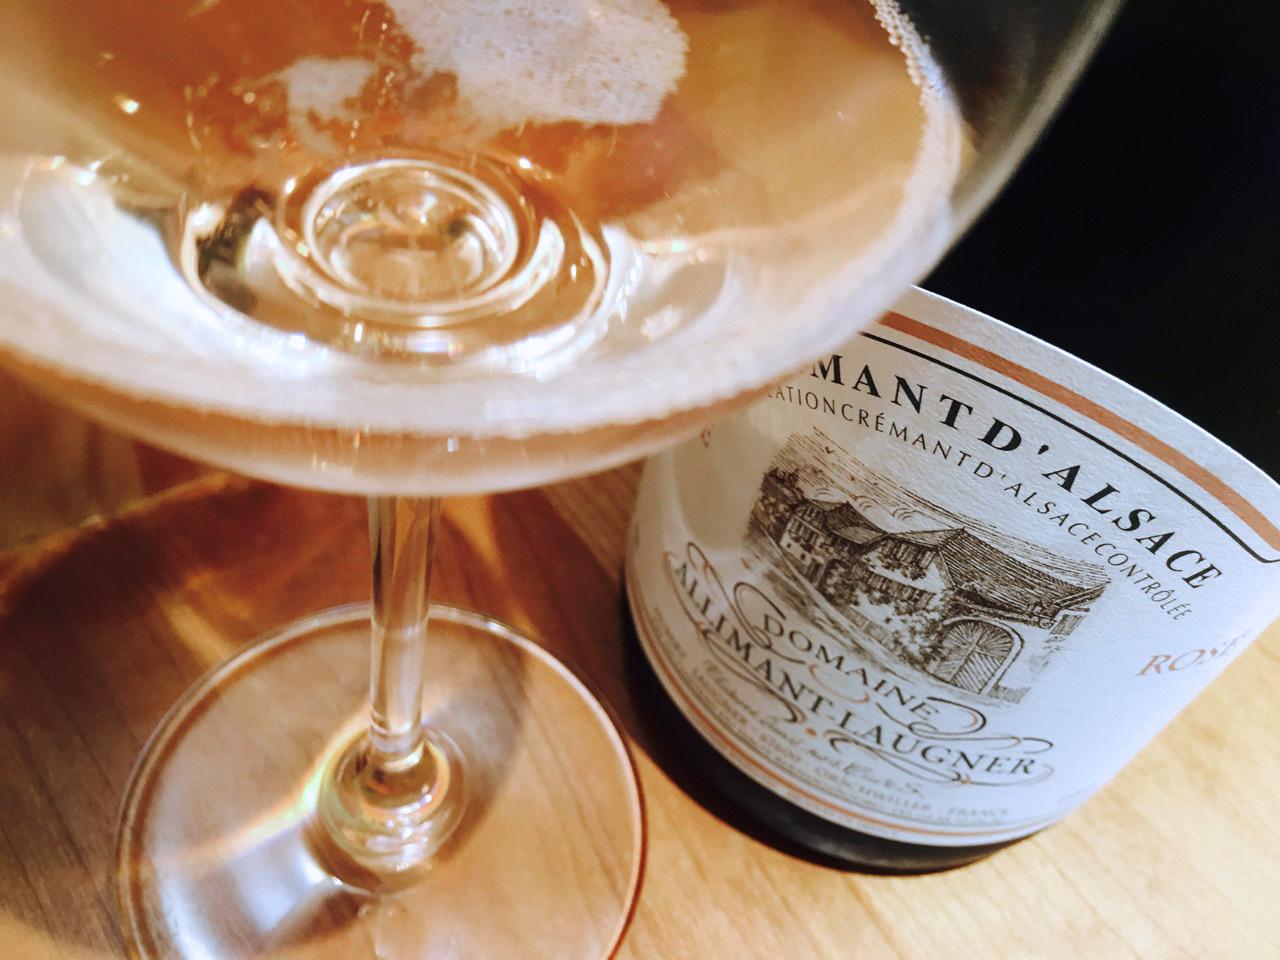 NV Domaine Allimant-Laugner Brut Rosé Crémant d'Alsace